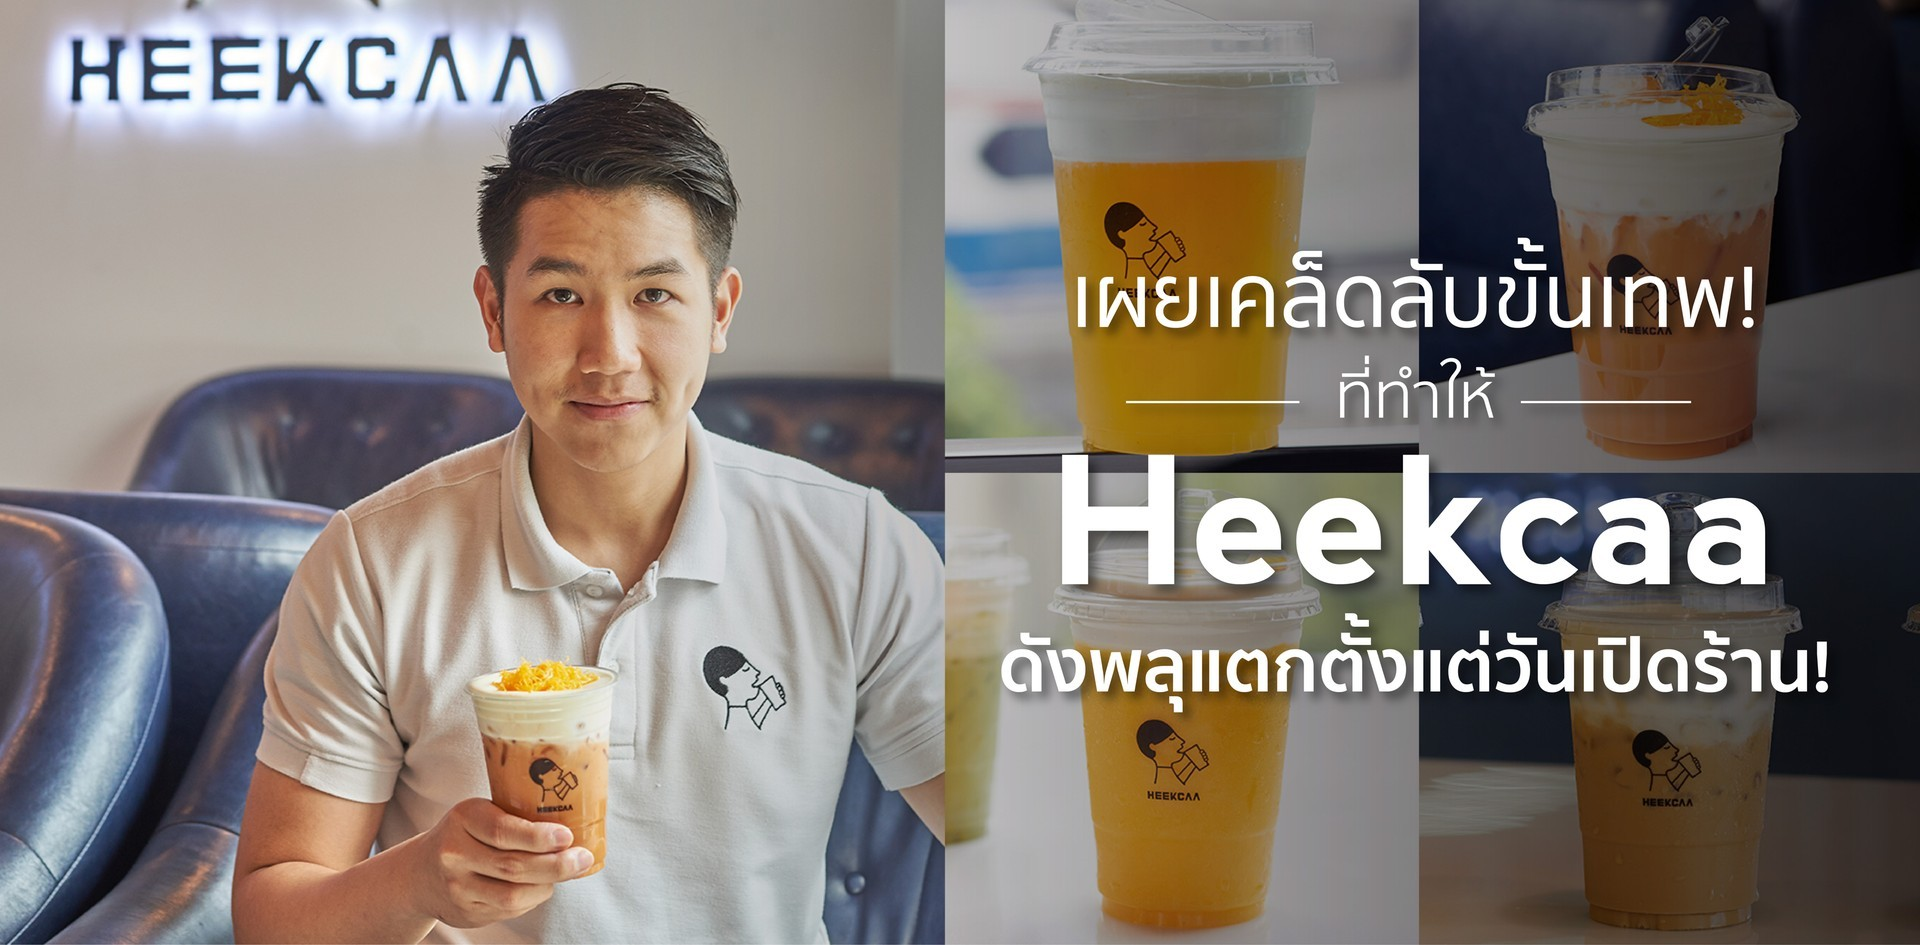 เผยเคล็ดลับขั้นเทพ! ที่ทำให้ Heekcaa ดังพลุแตกตั้งแต่วันเปิดร้าน